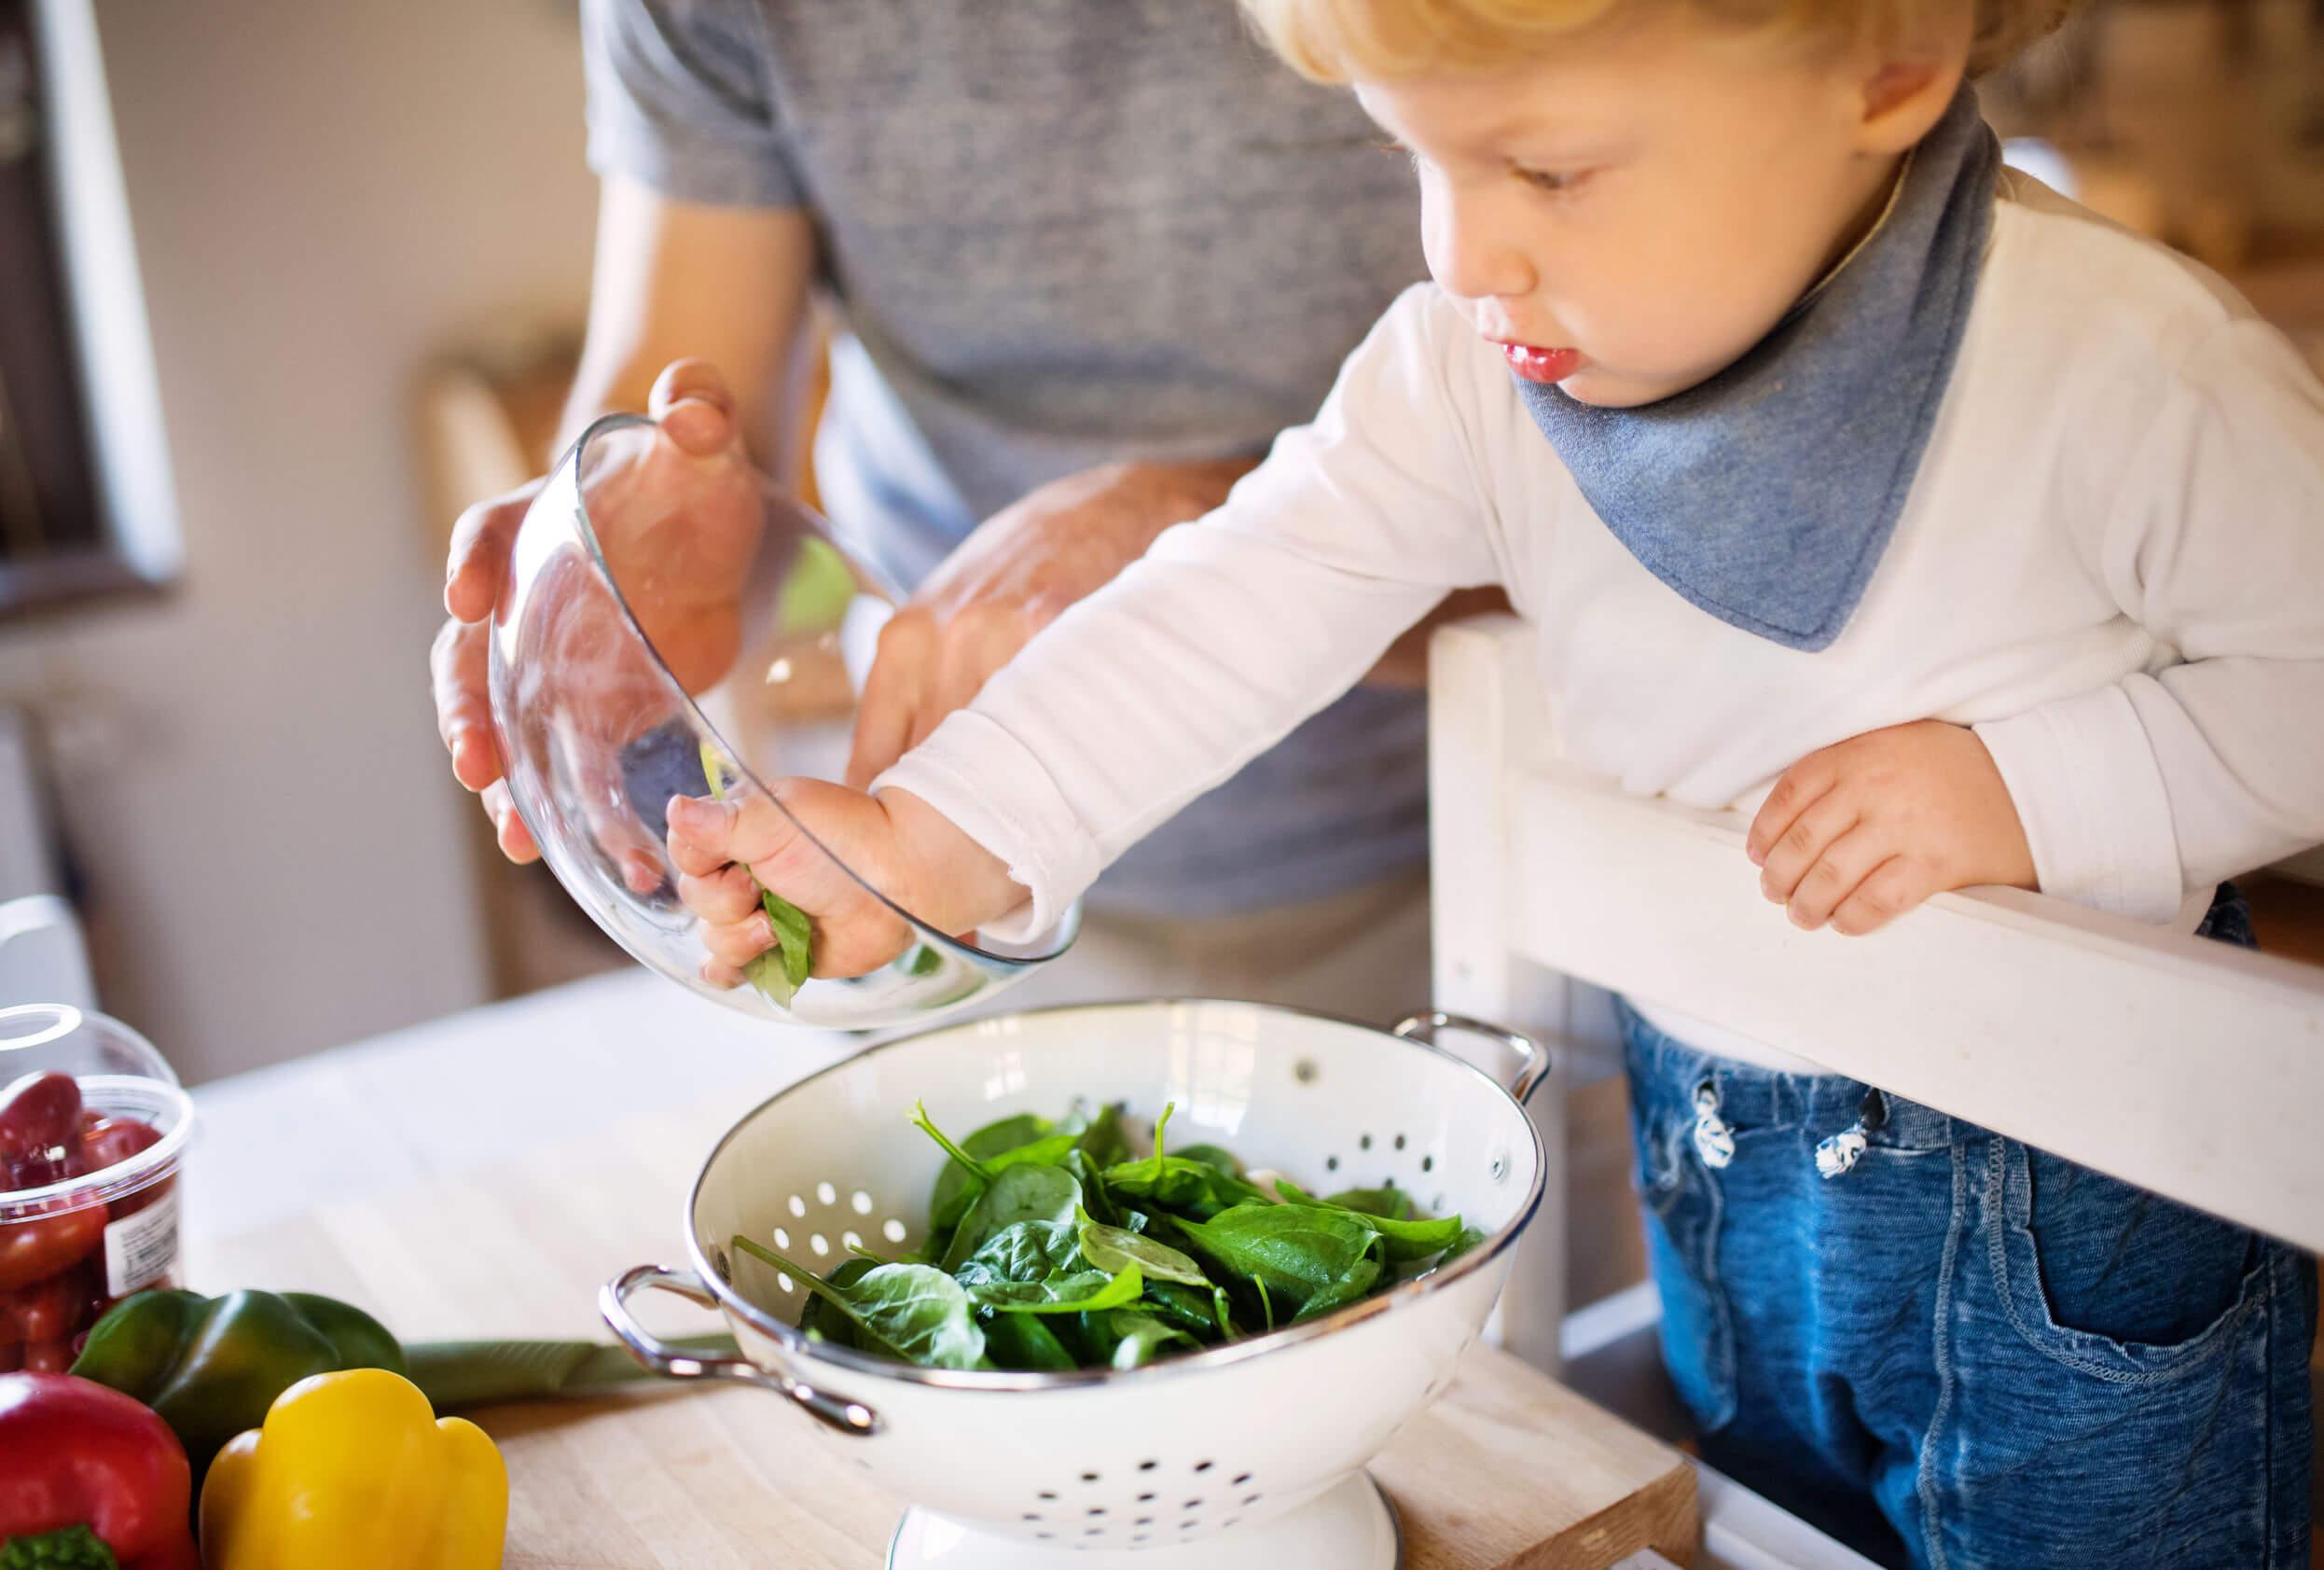 Niño ayudando a su padre en la cocina debido a los beneficios infantiles que tienen cocinar con los padres.